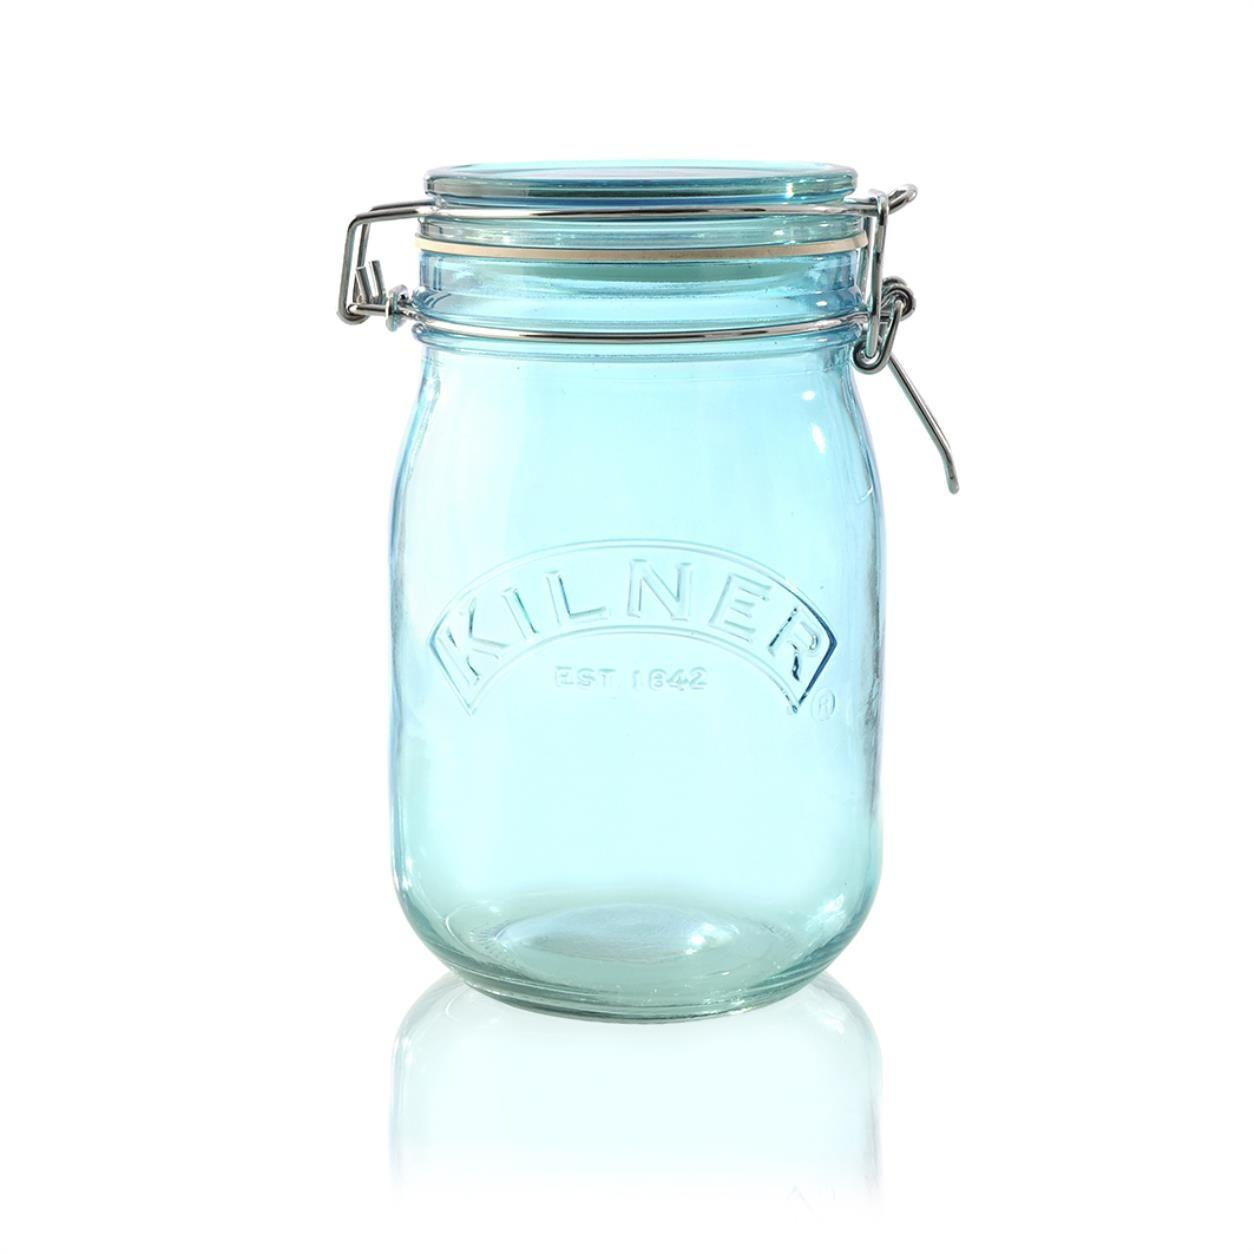 KILNER Skleněná dóza s klipem Blue 1 l, modrá barva, sklo